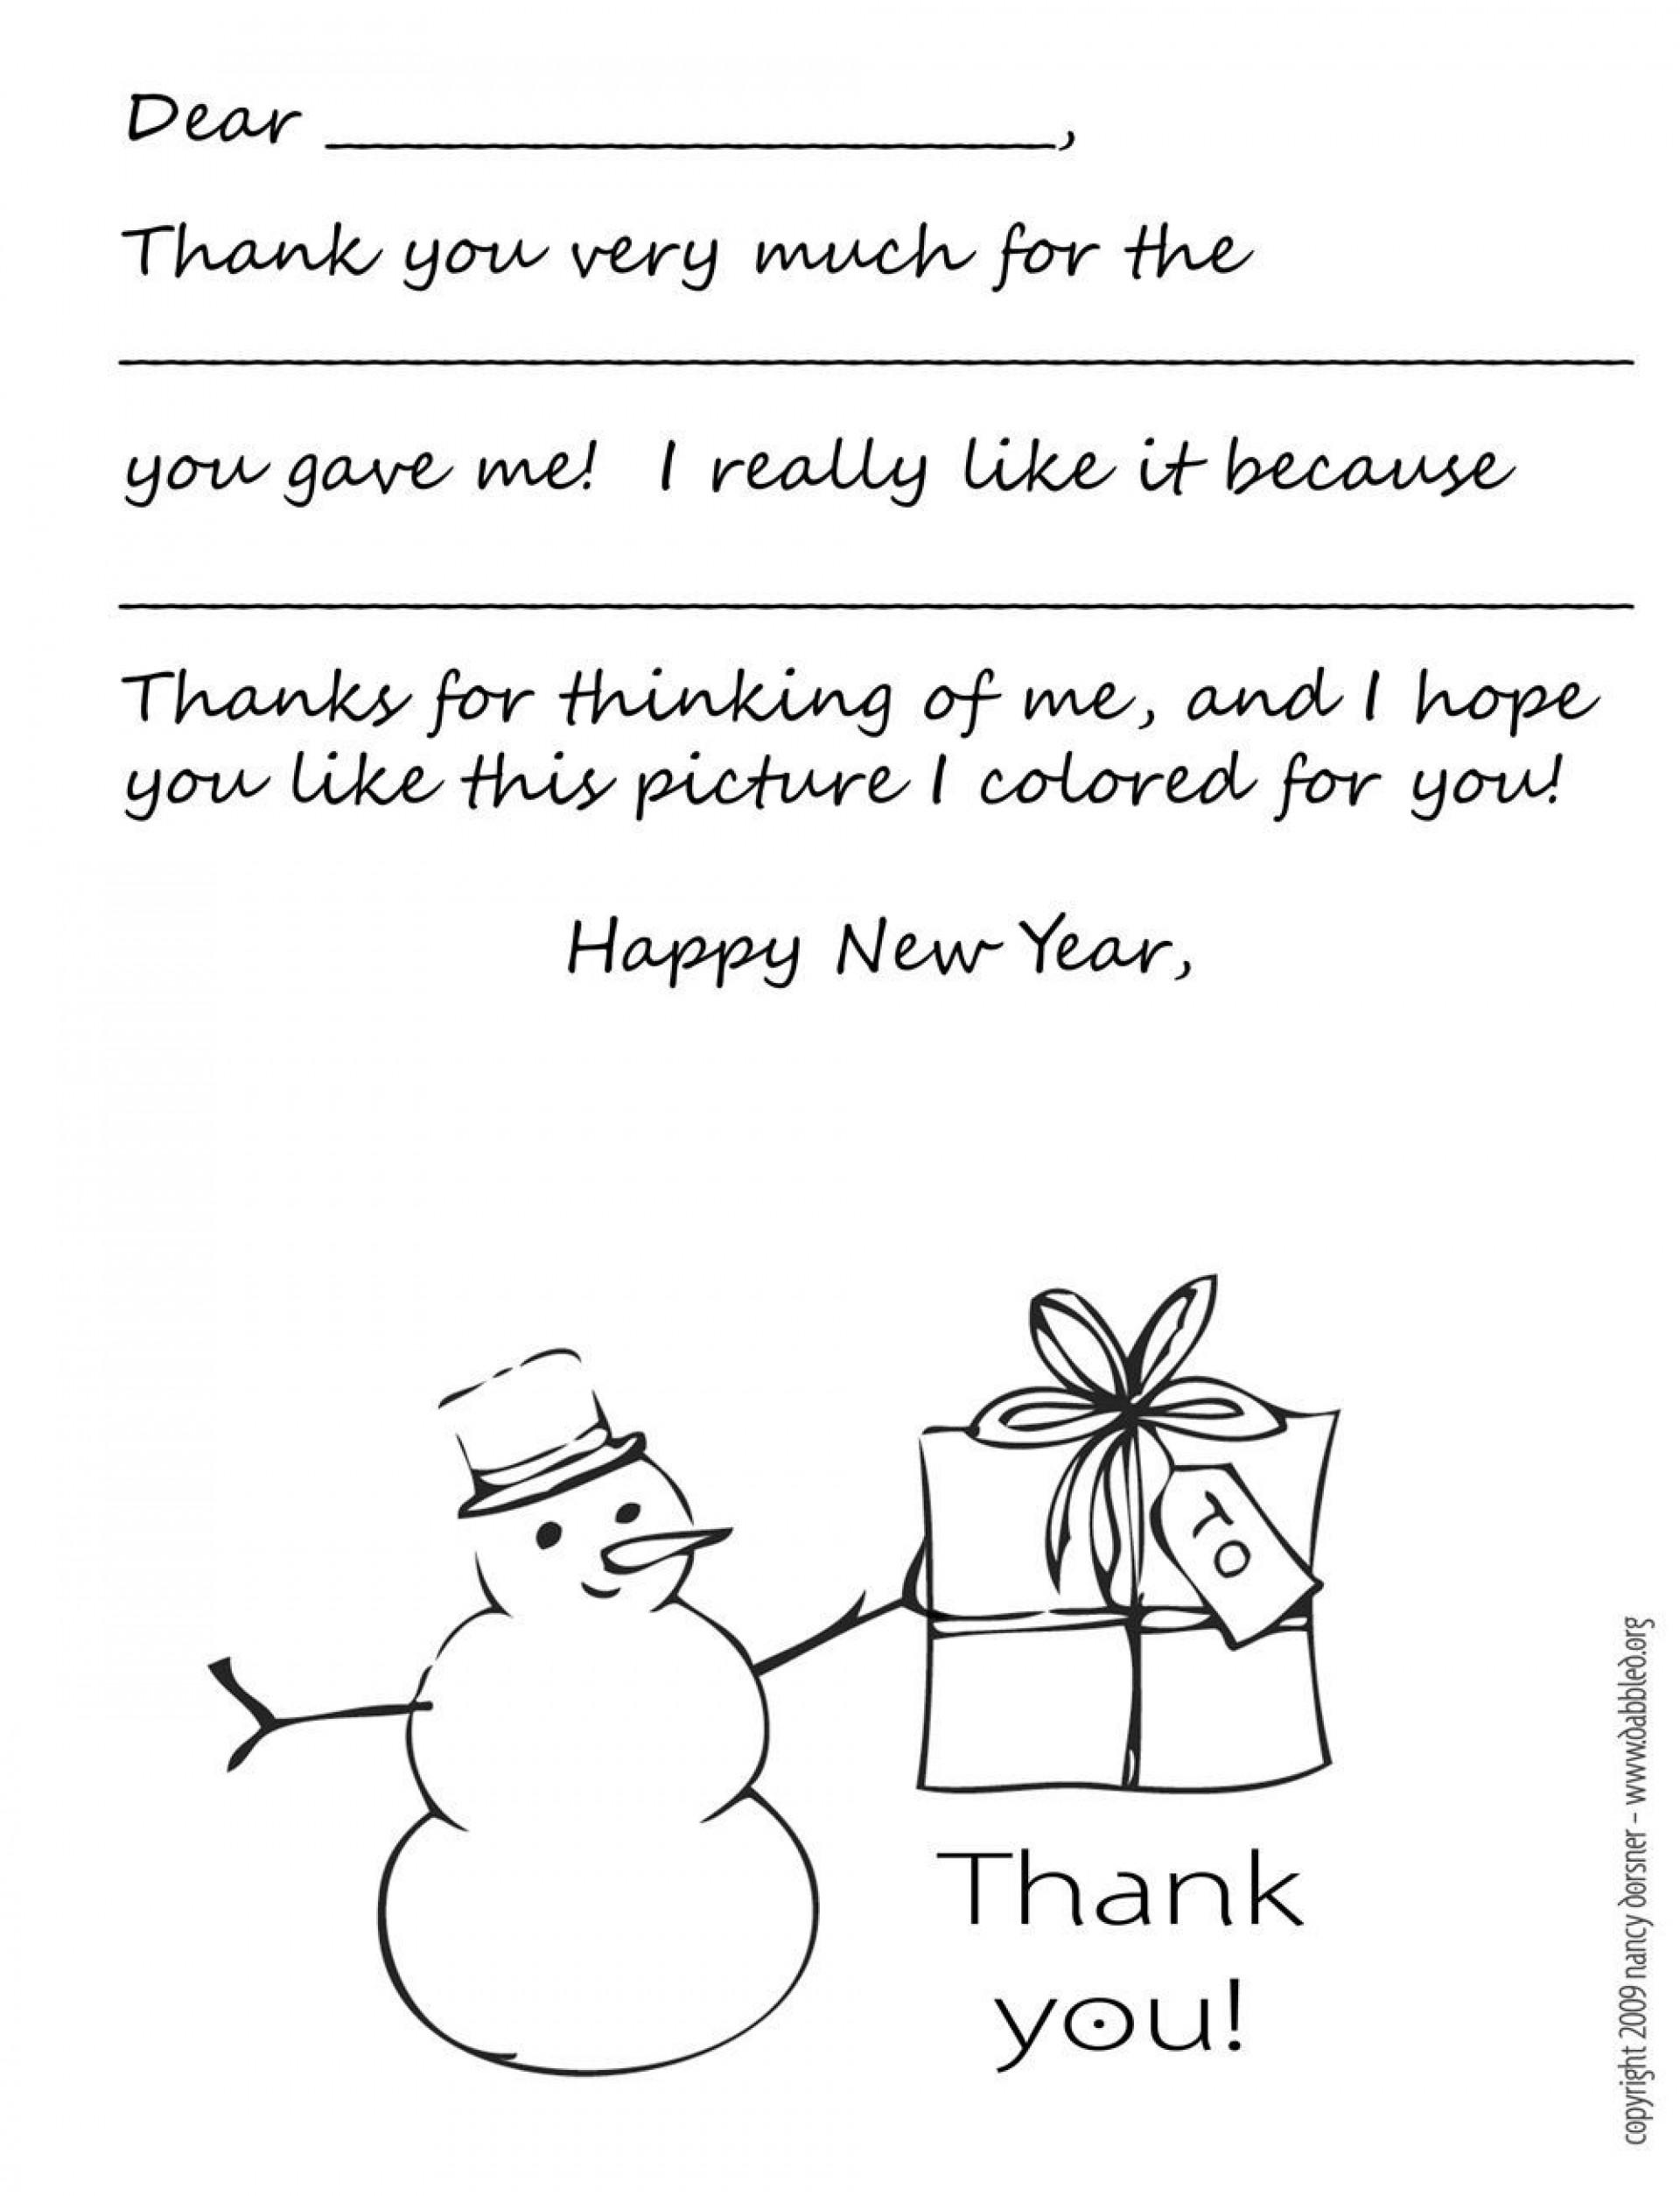 000 Wondrou Thank You Note Template Free Idea  Poshmark Christma Teacher1920